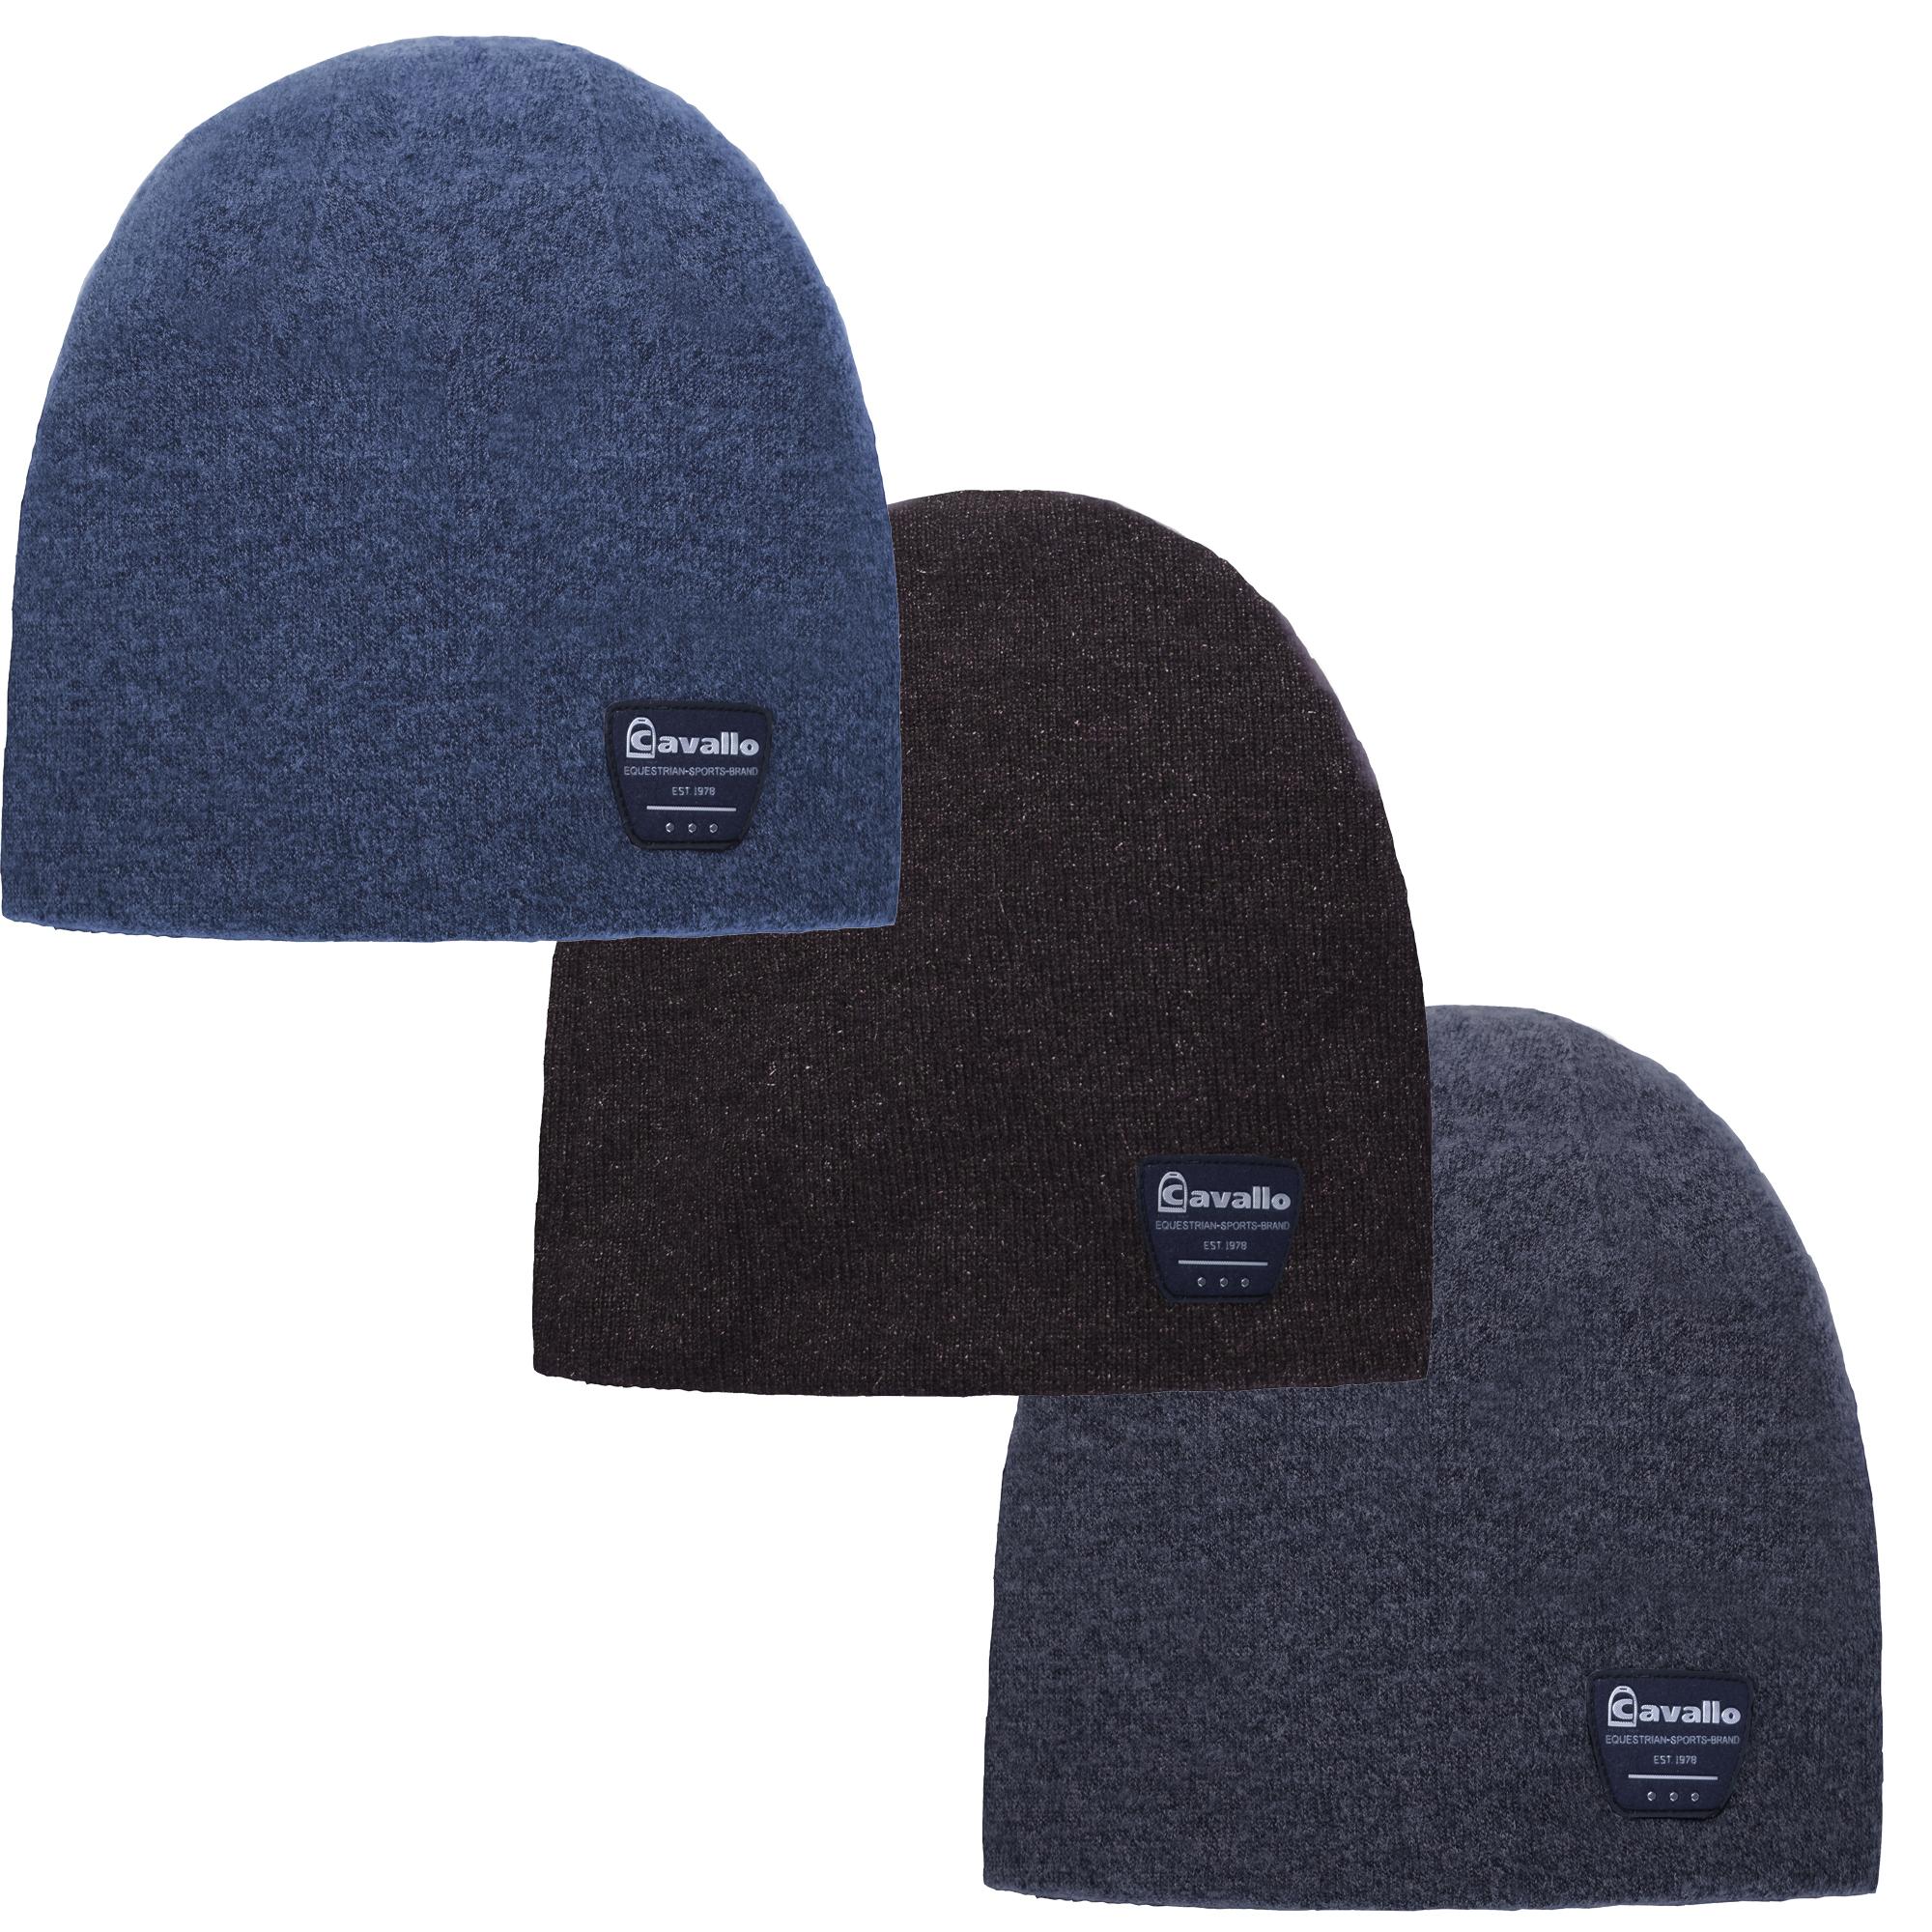 Cavallo Beanie Mütze BRAYLEE in blue melange, espresso melange oder grey melange